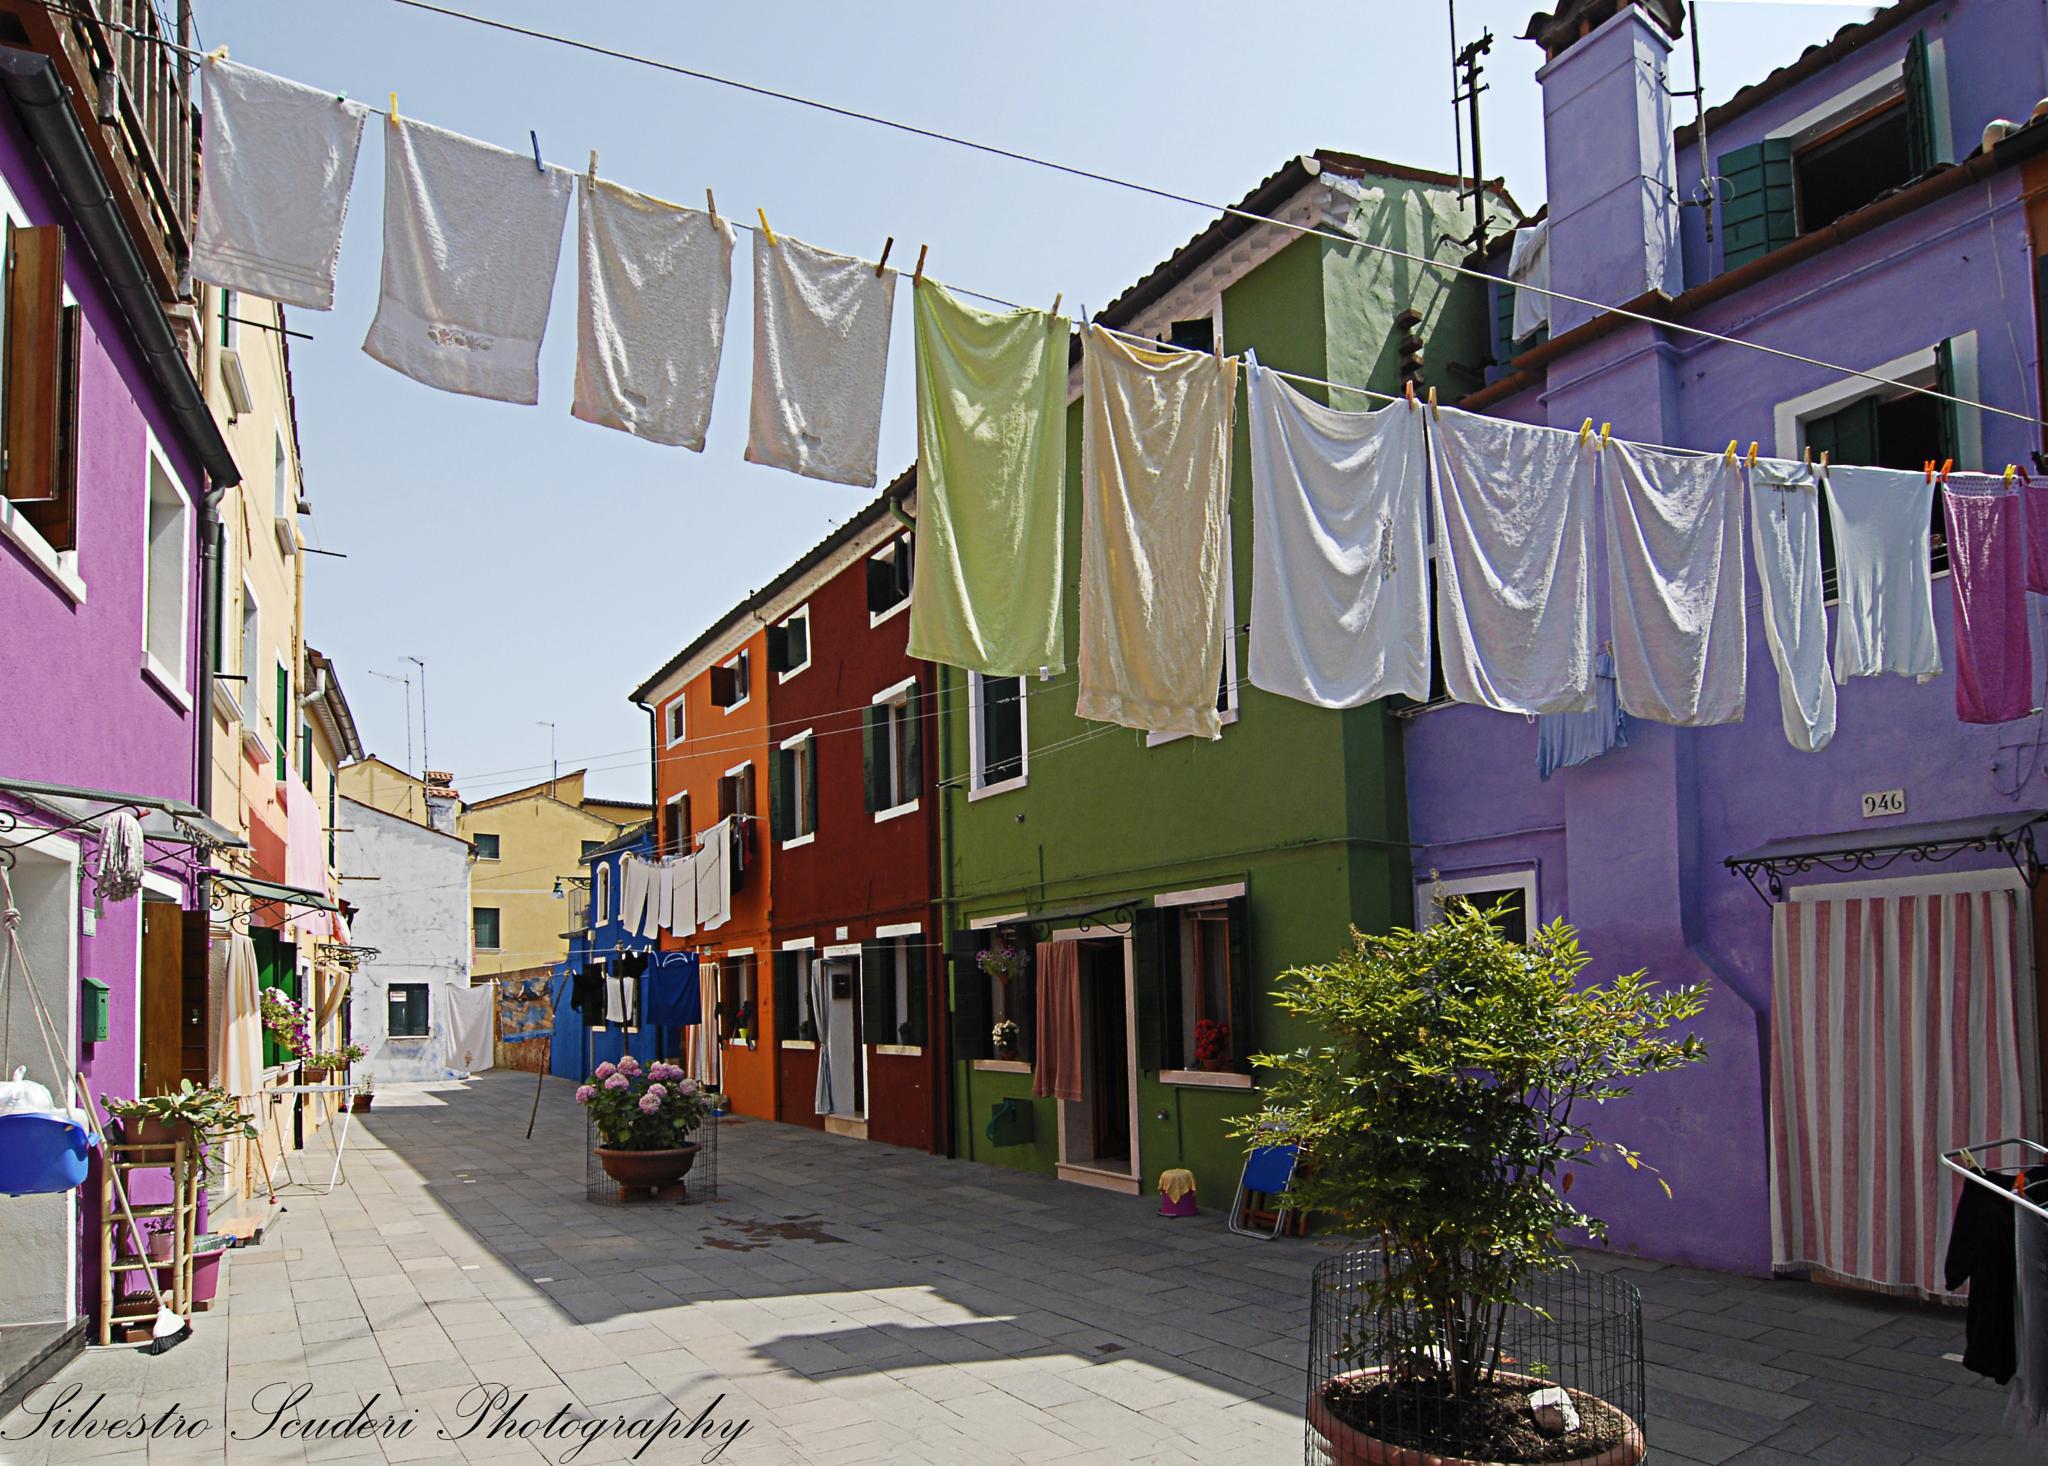 Burano - Venezia by silvestro.scuderi